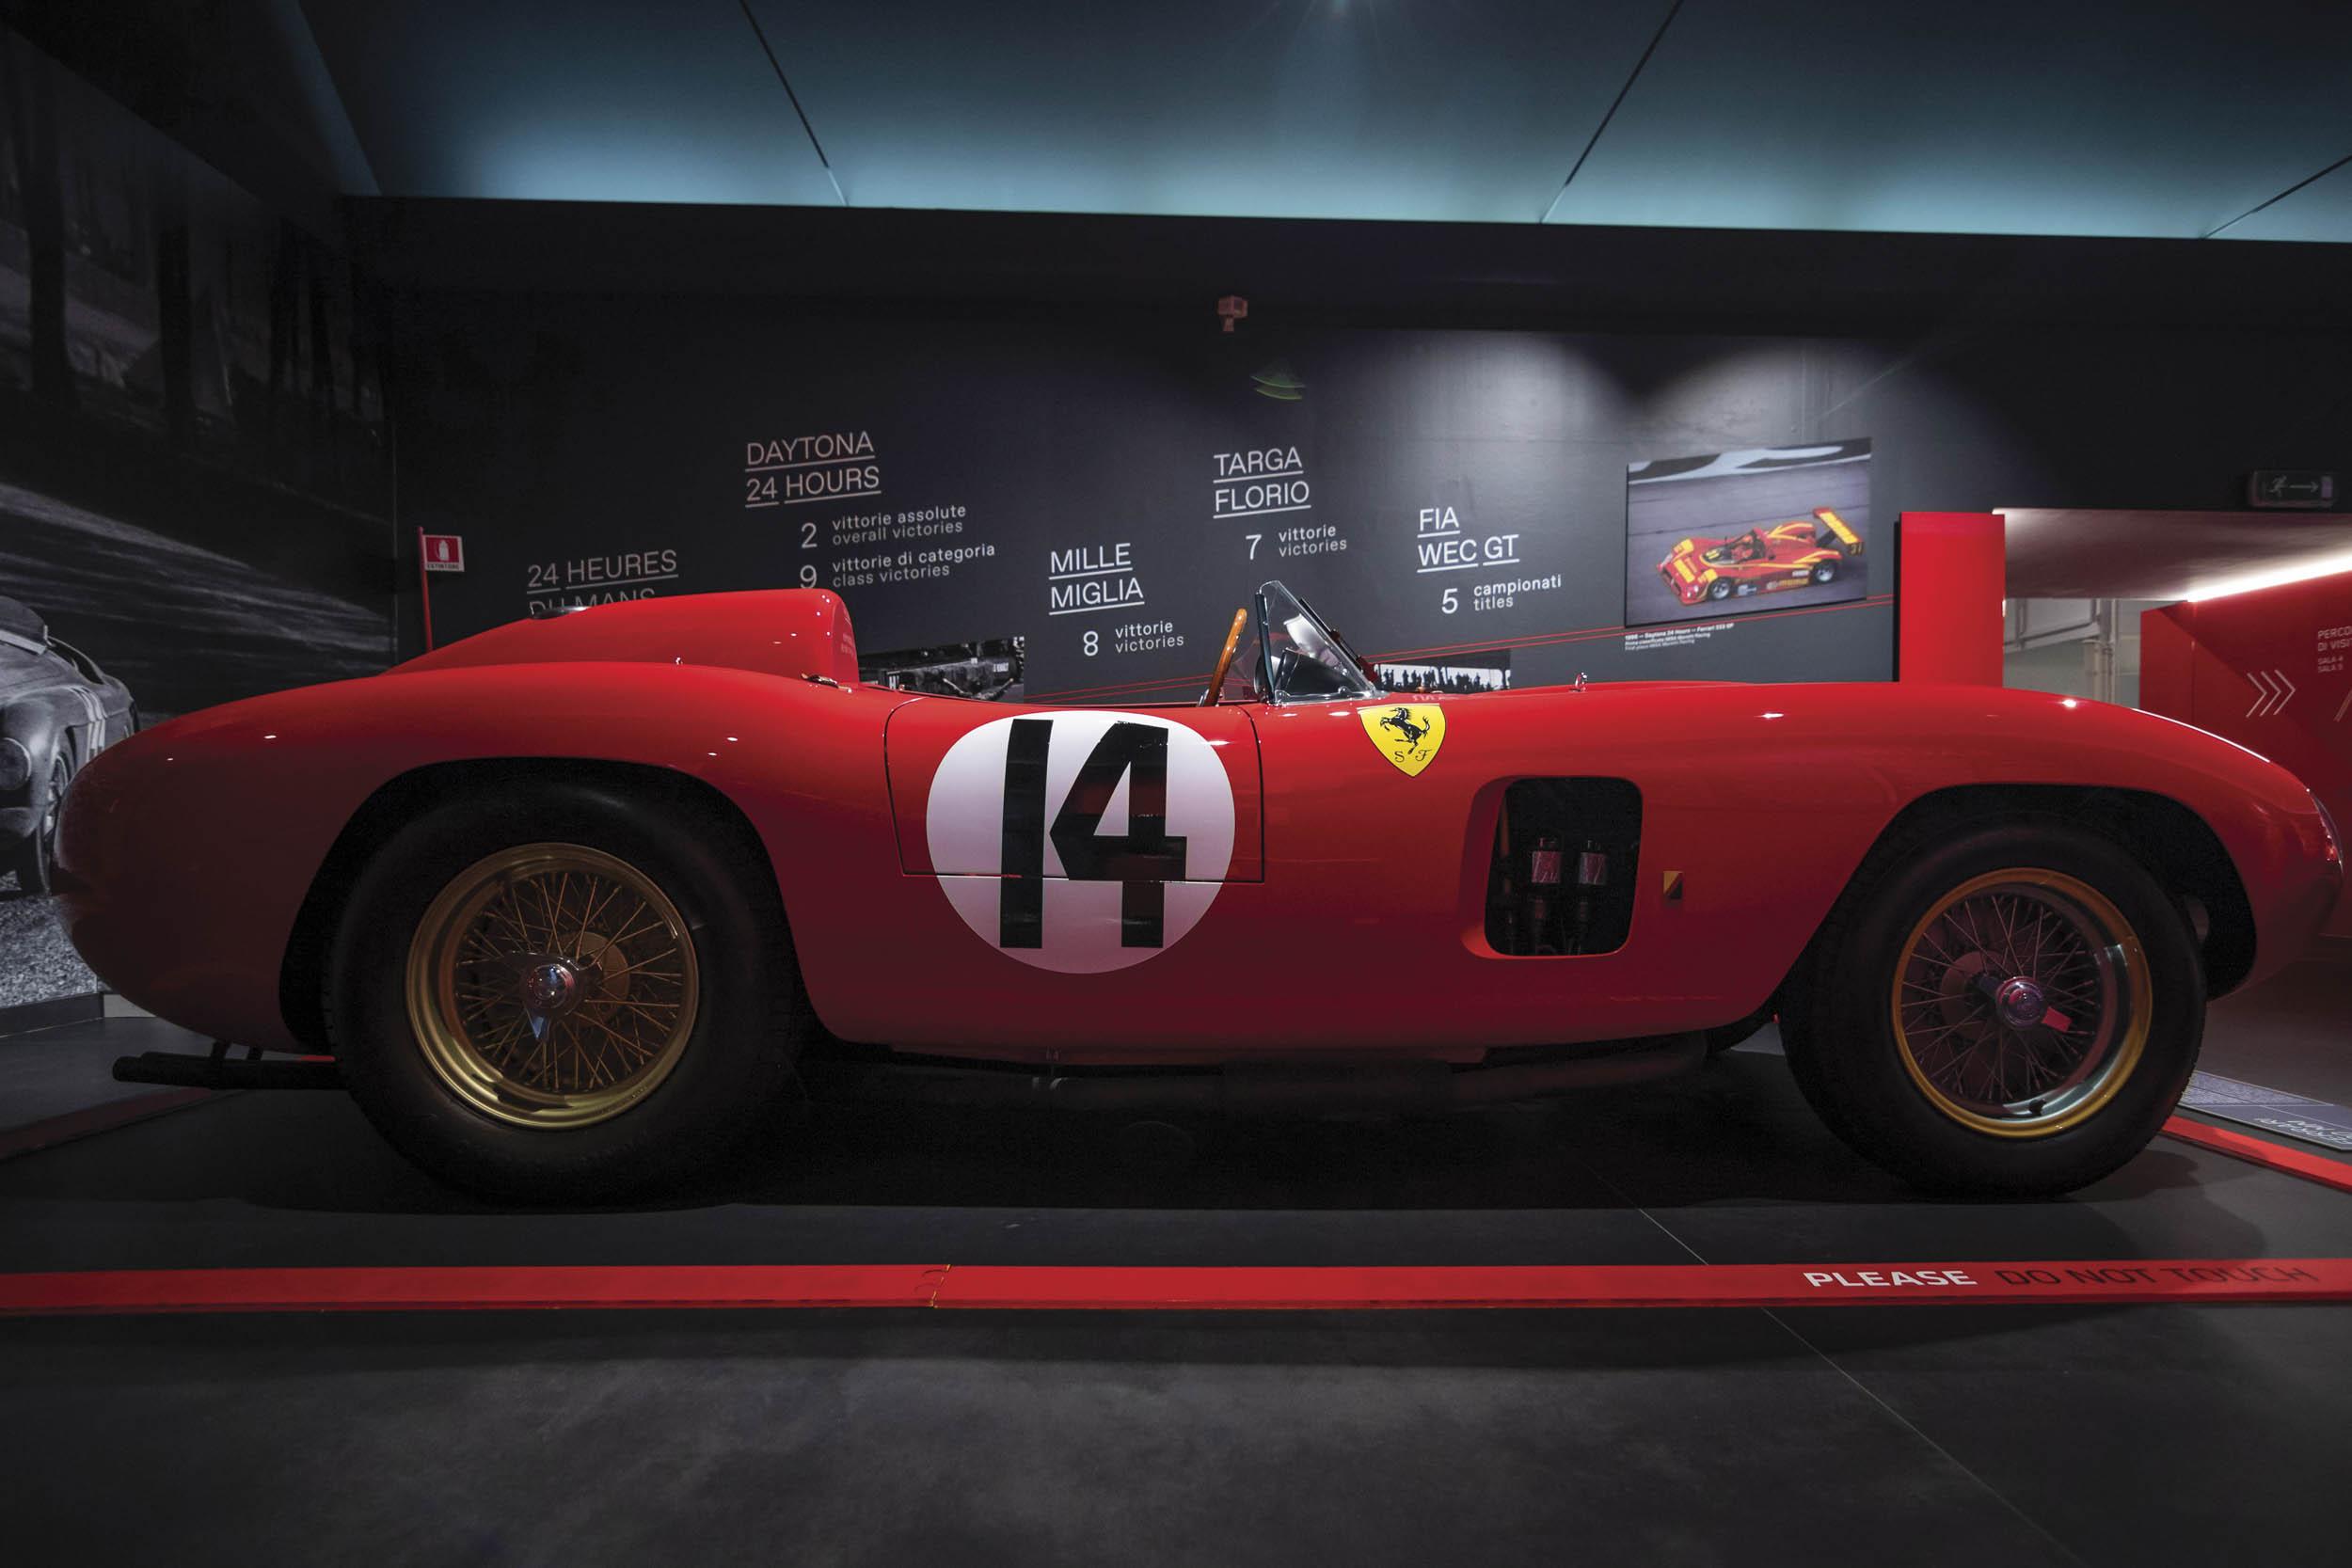 1956 Ferrari 290 MM by Scaglietti profile